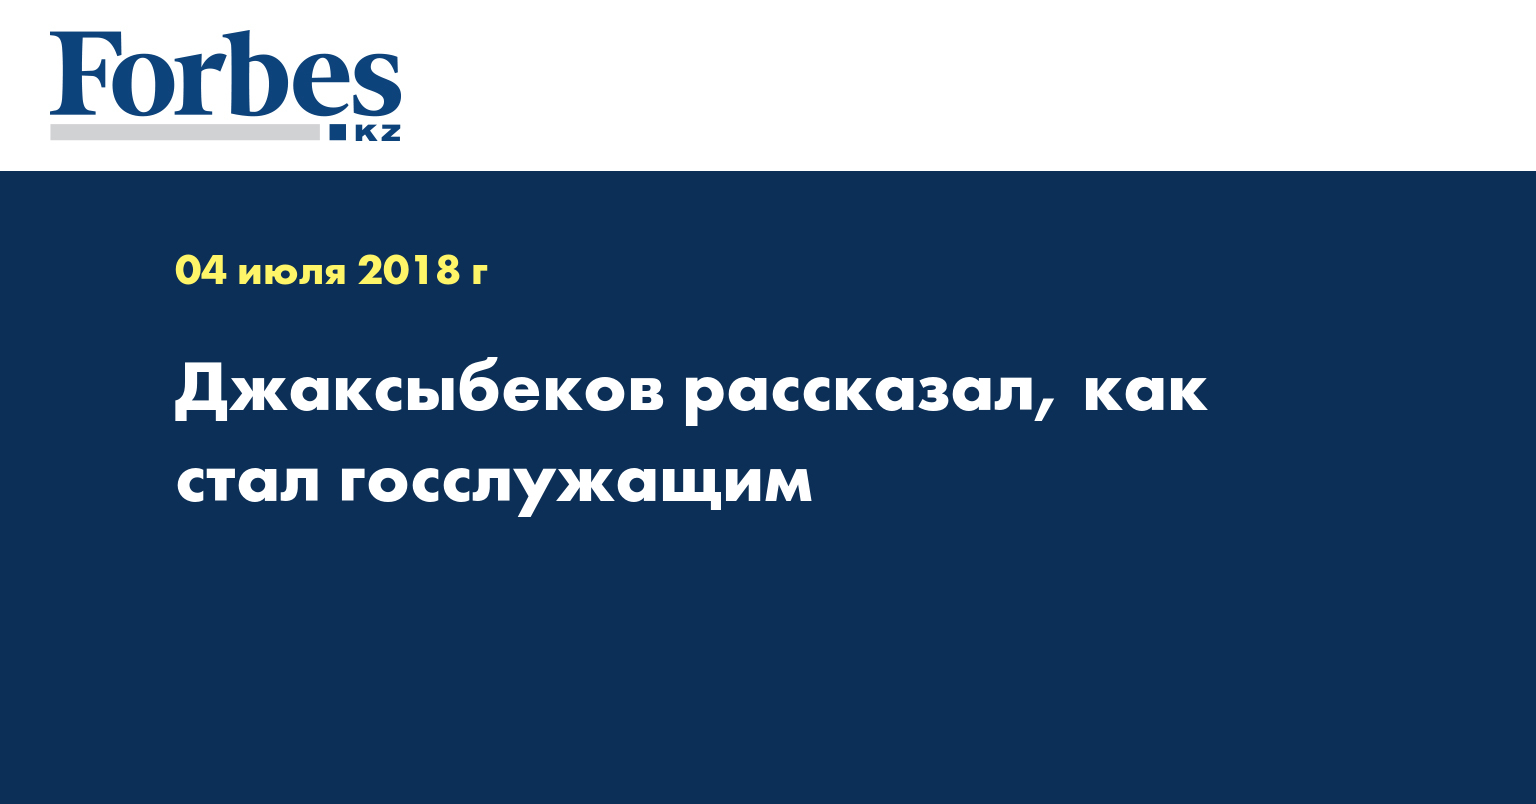 Джаксыбеков рассказал, как стал госслужащим